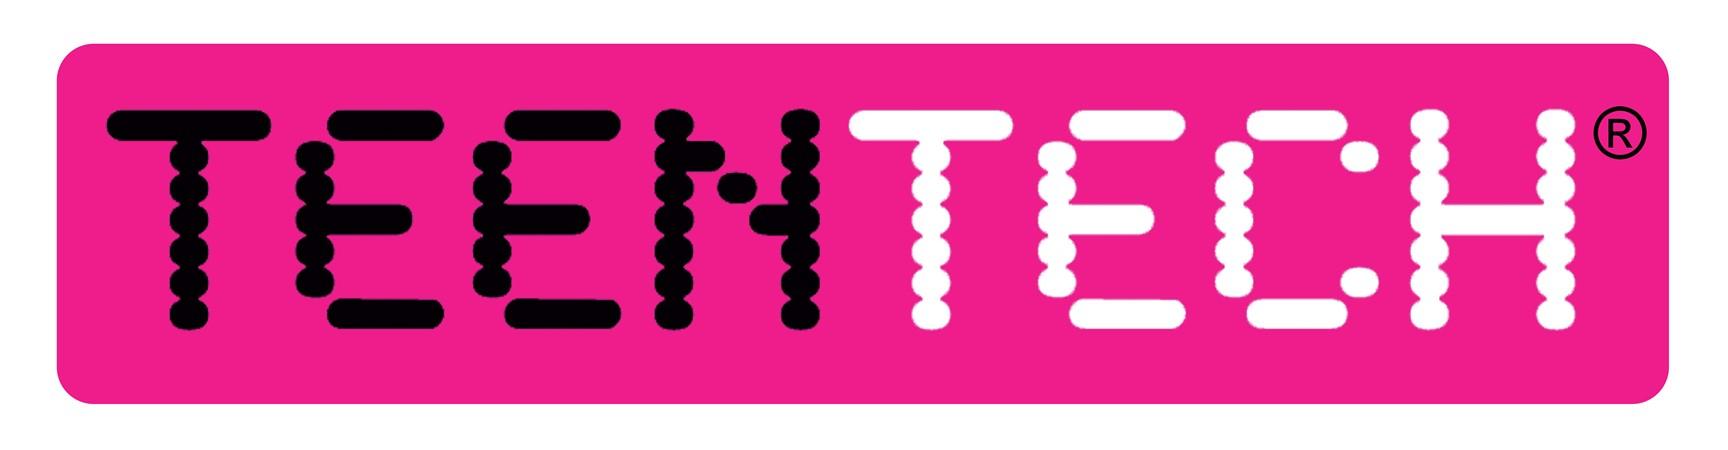 TeenTech logo